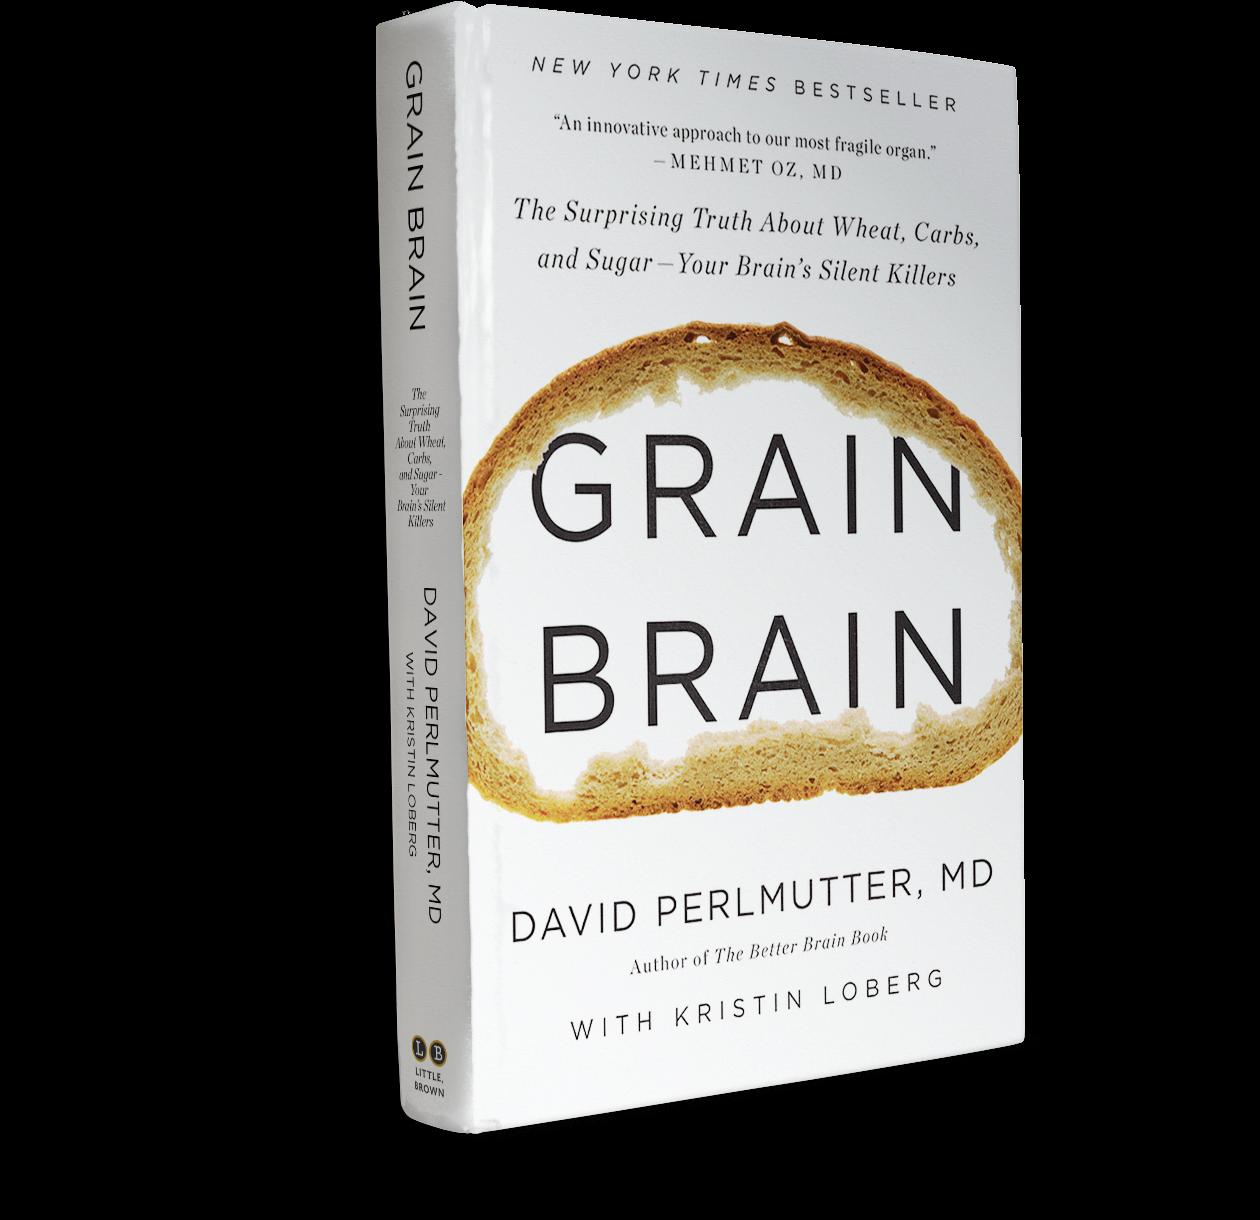 Grain Brain Book Cover